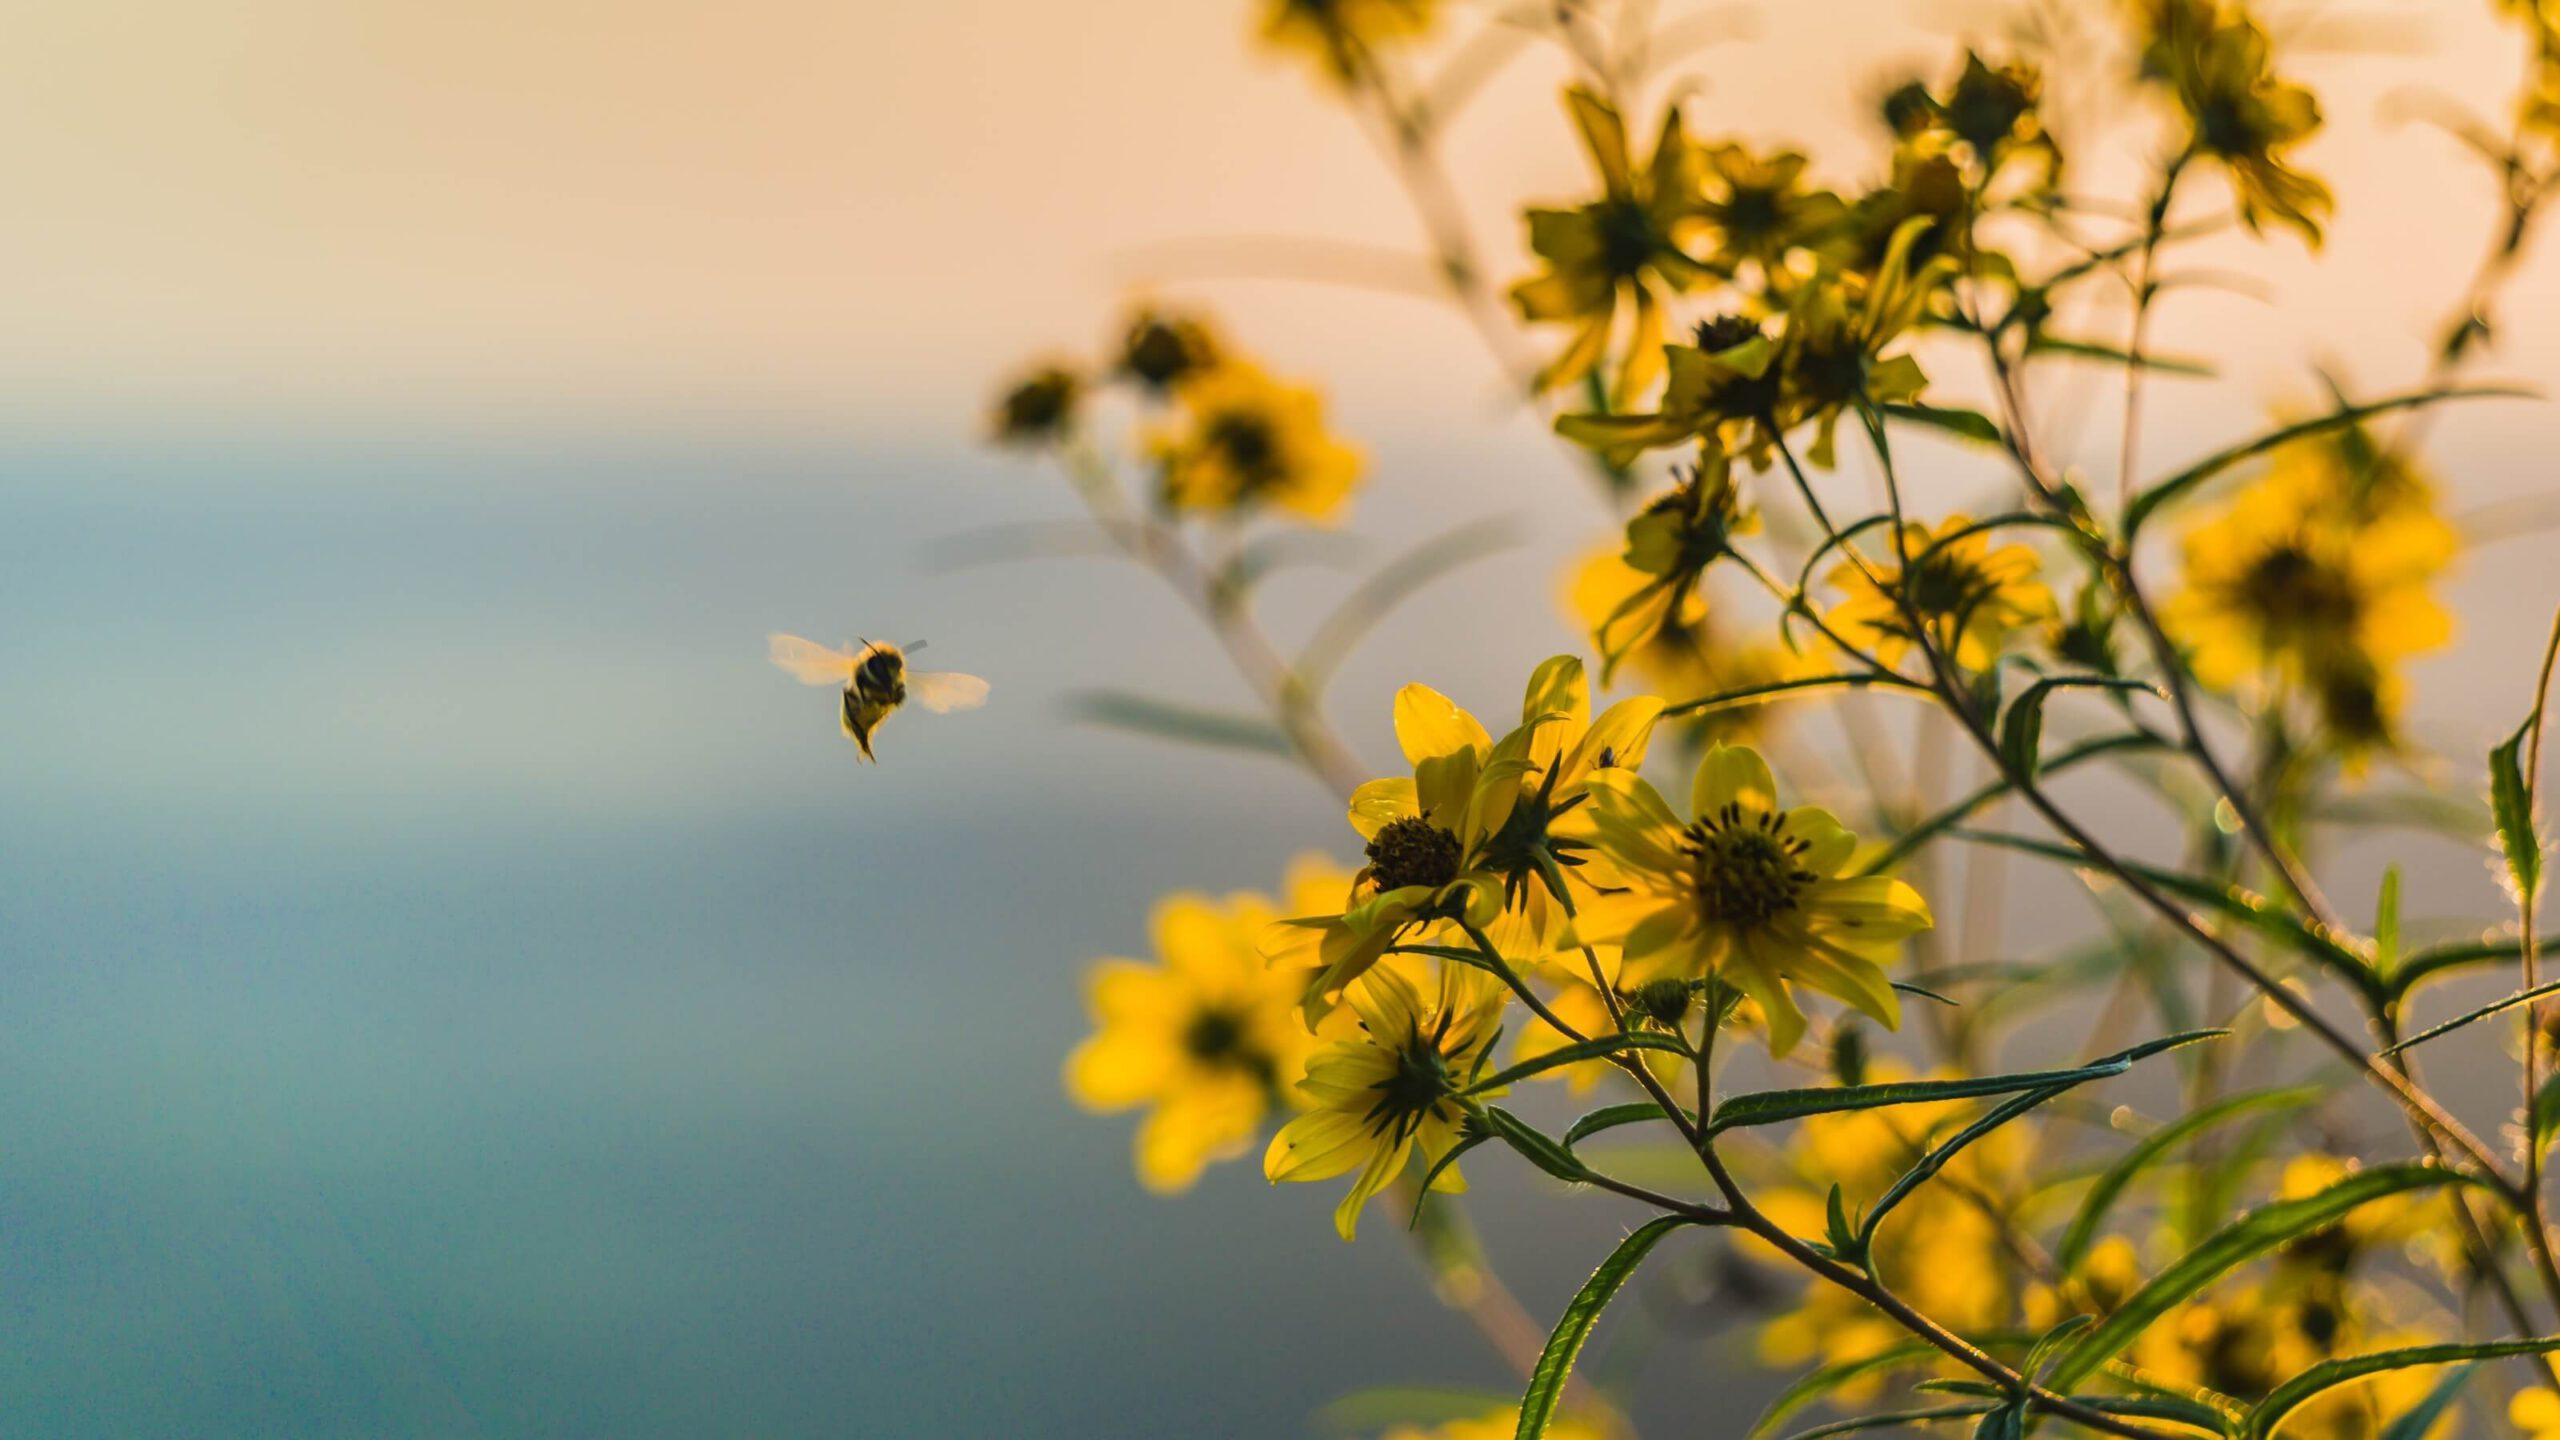 Honingbij bij gele bloemen, bannerfoto